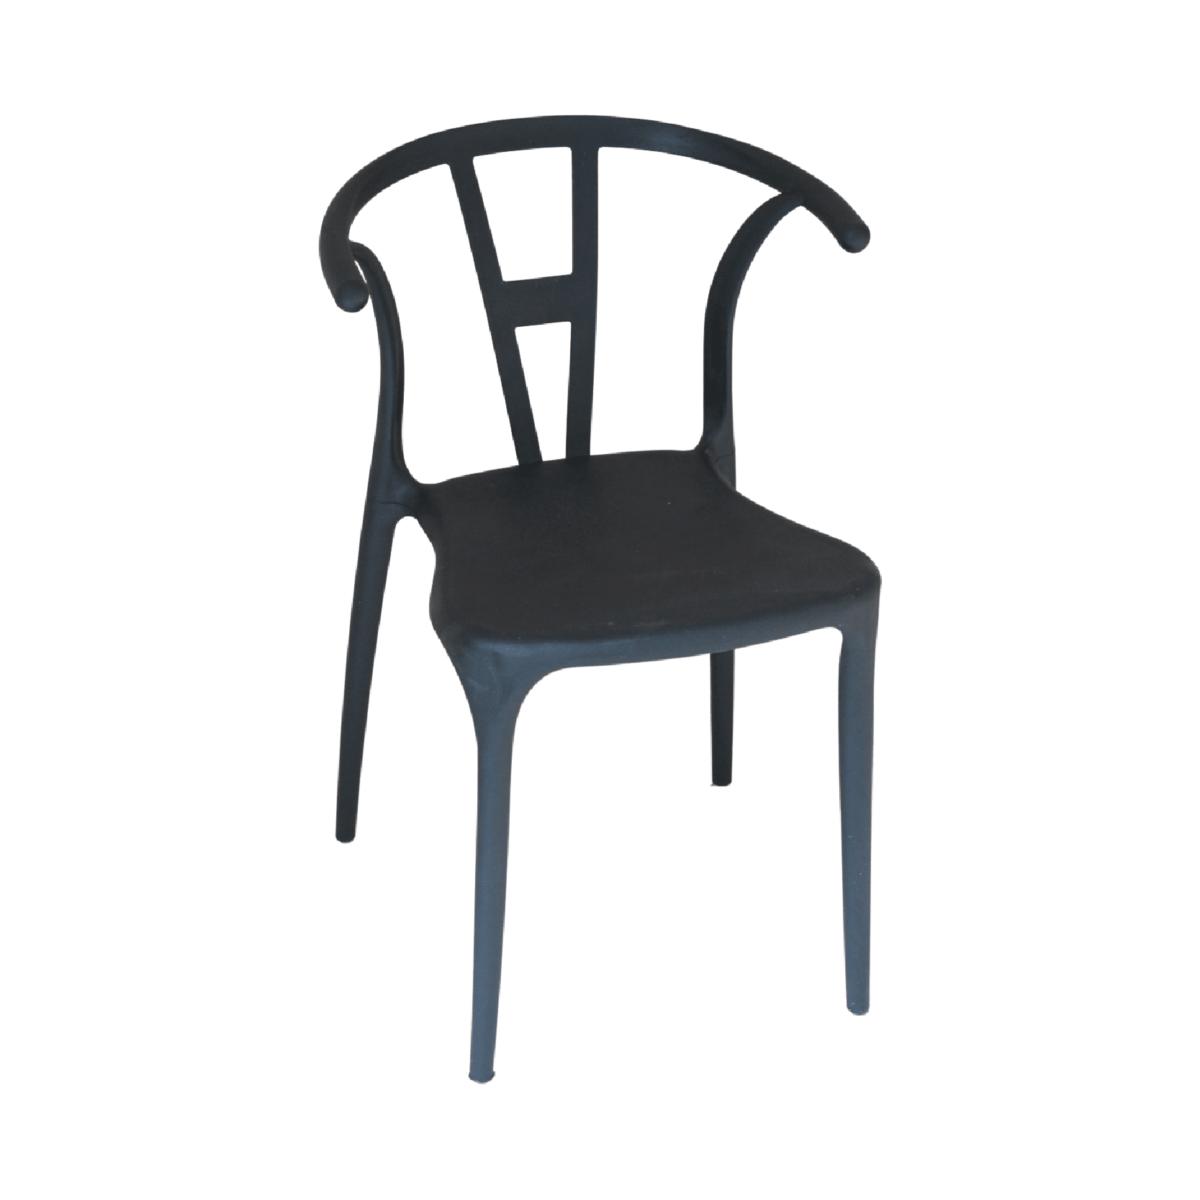 silla-wishbone-resina-negra-1